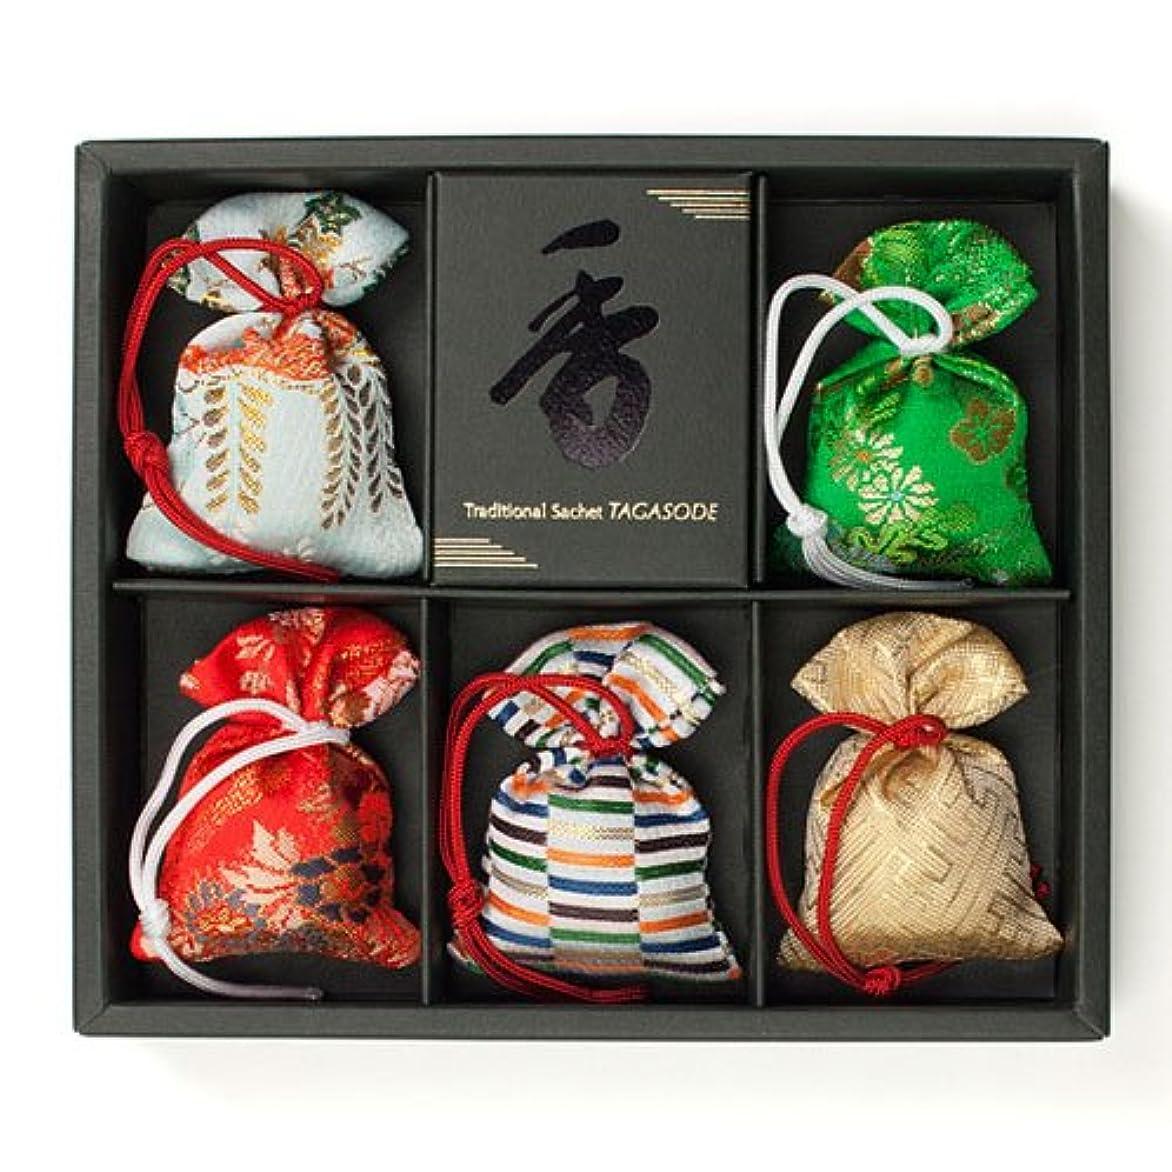 変数中絶取り組む匂い袋 誰が袖 極品 5個入 松栄堂 Shoyeido 本体長さ60mm (色?柄は選べません)